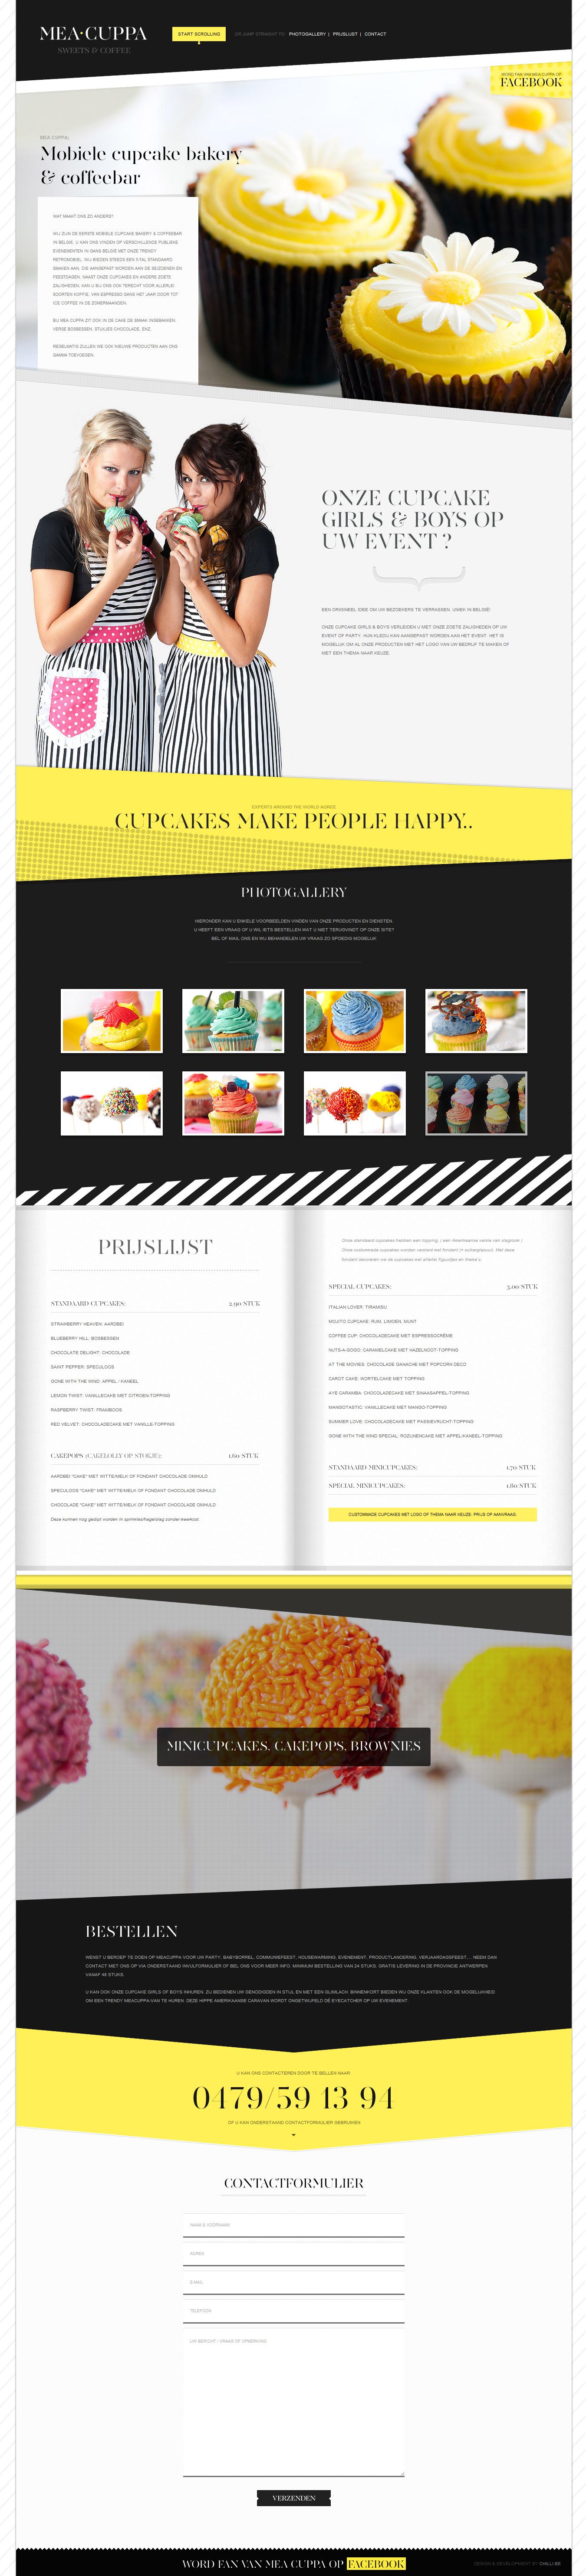 MEA CUPPA Website Screenshot